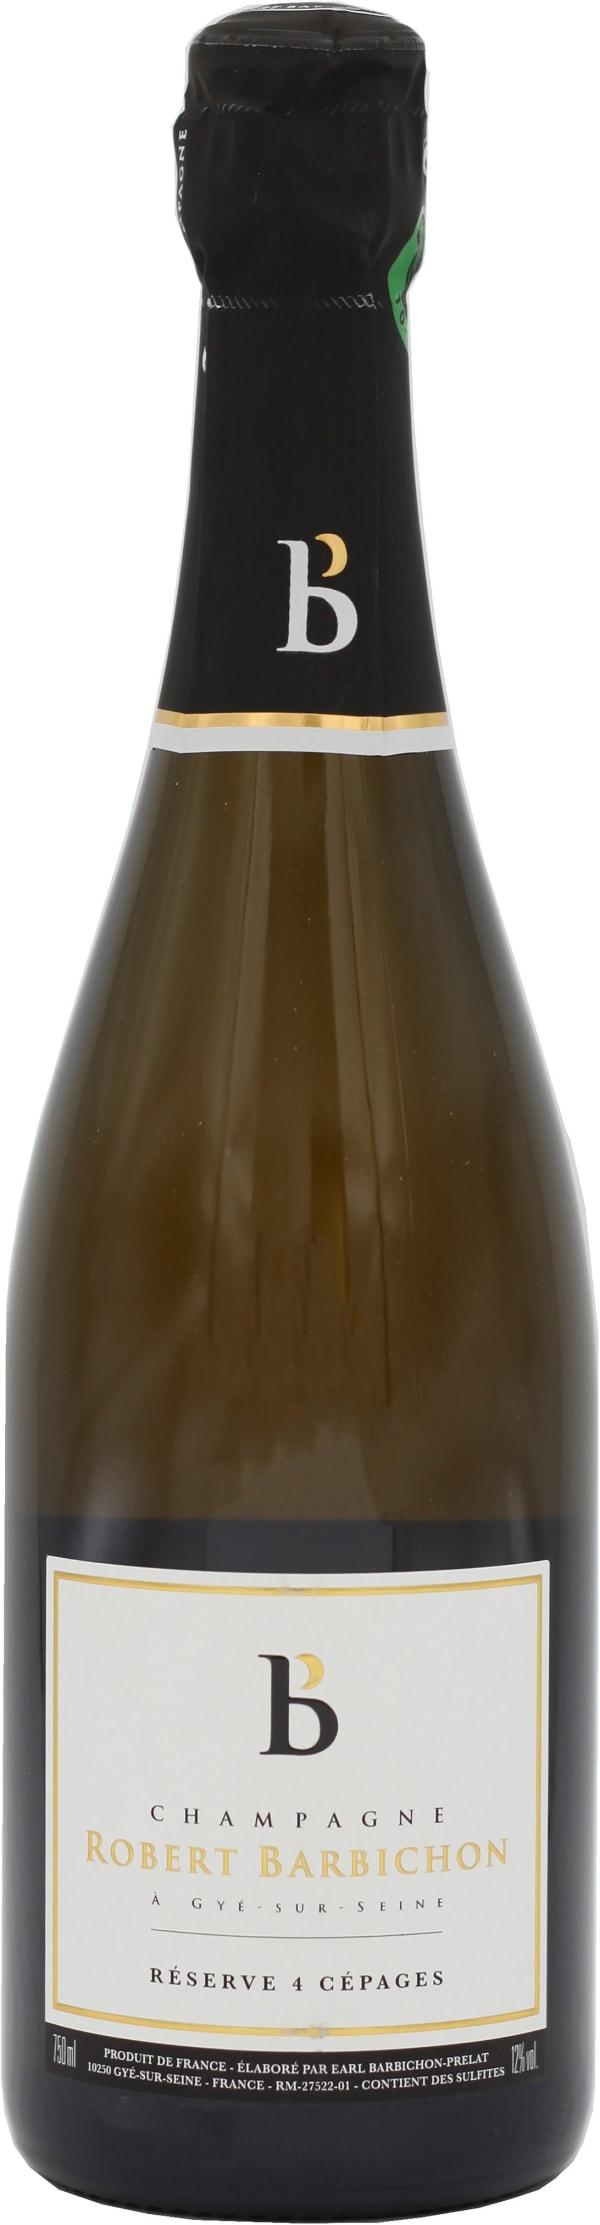 Champagne Robert Barbichon 4 Cepage Reserve Brut